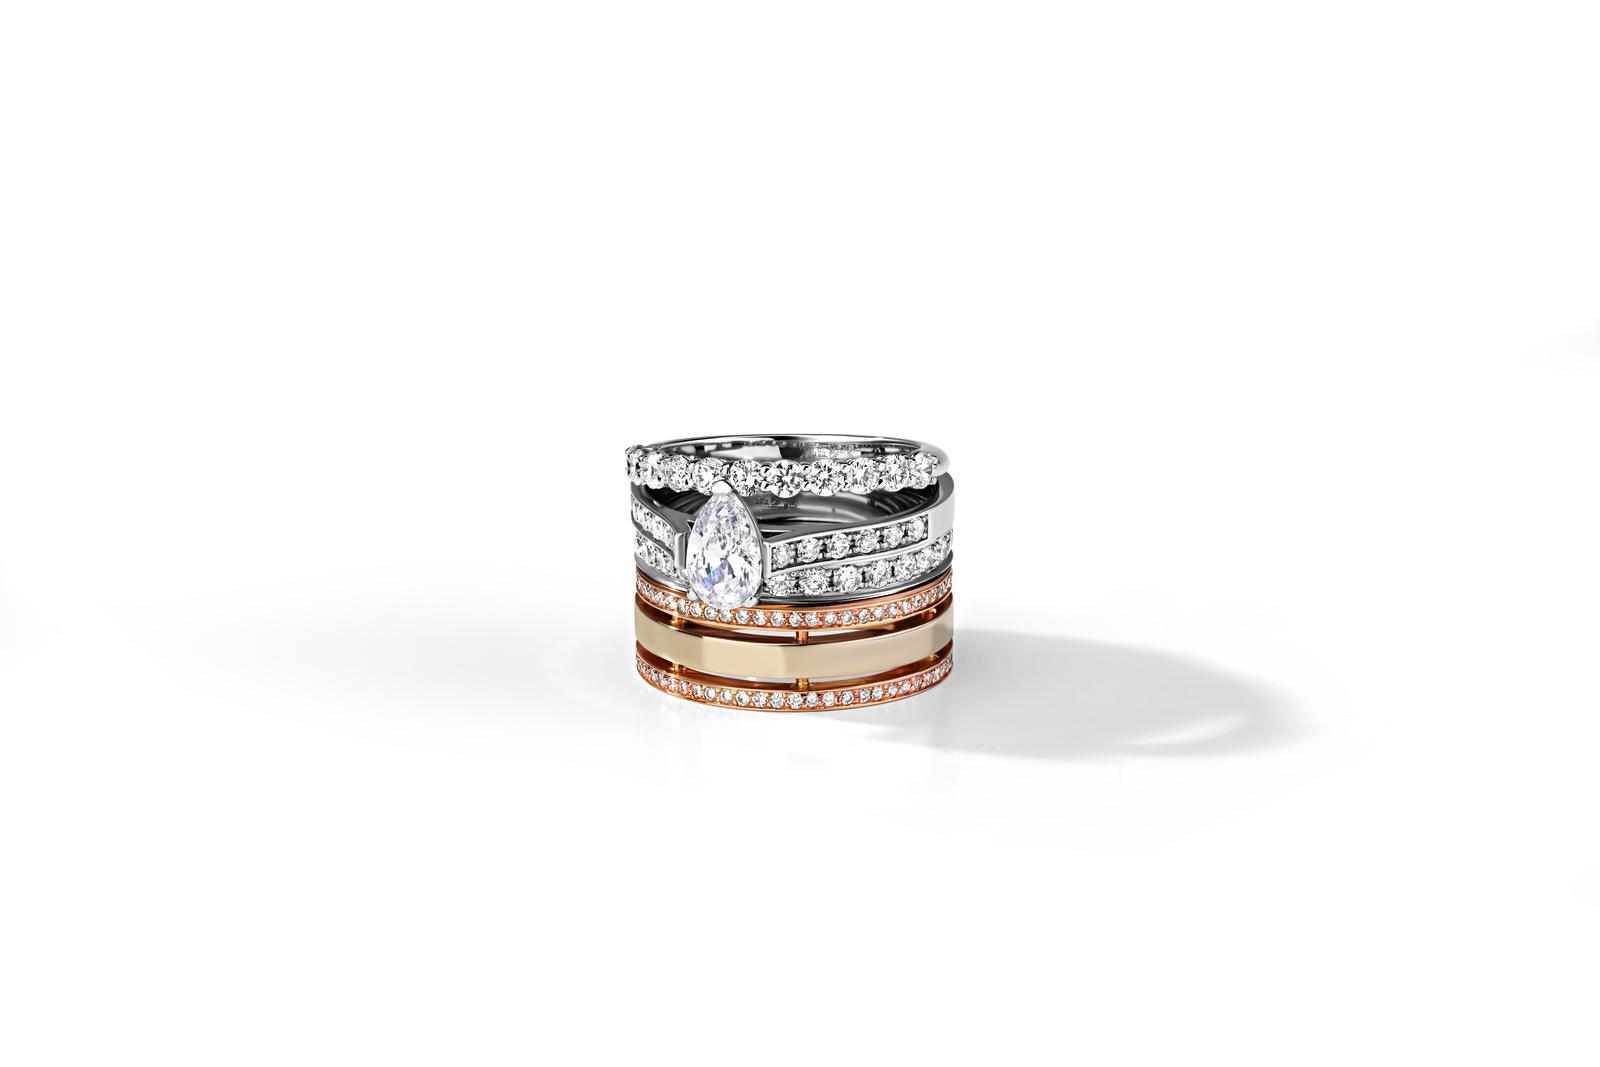 Обручальное кольцо из золота: советы по выбору